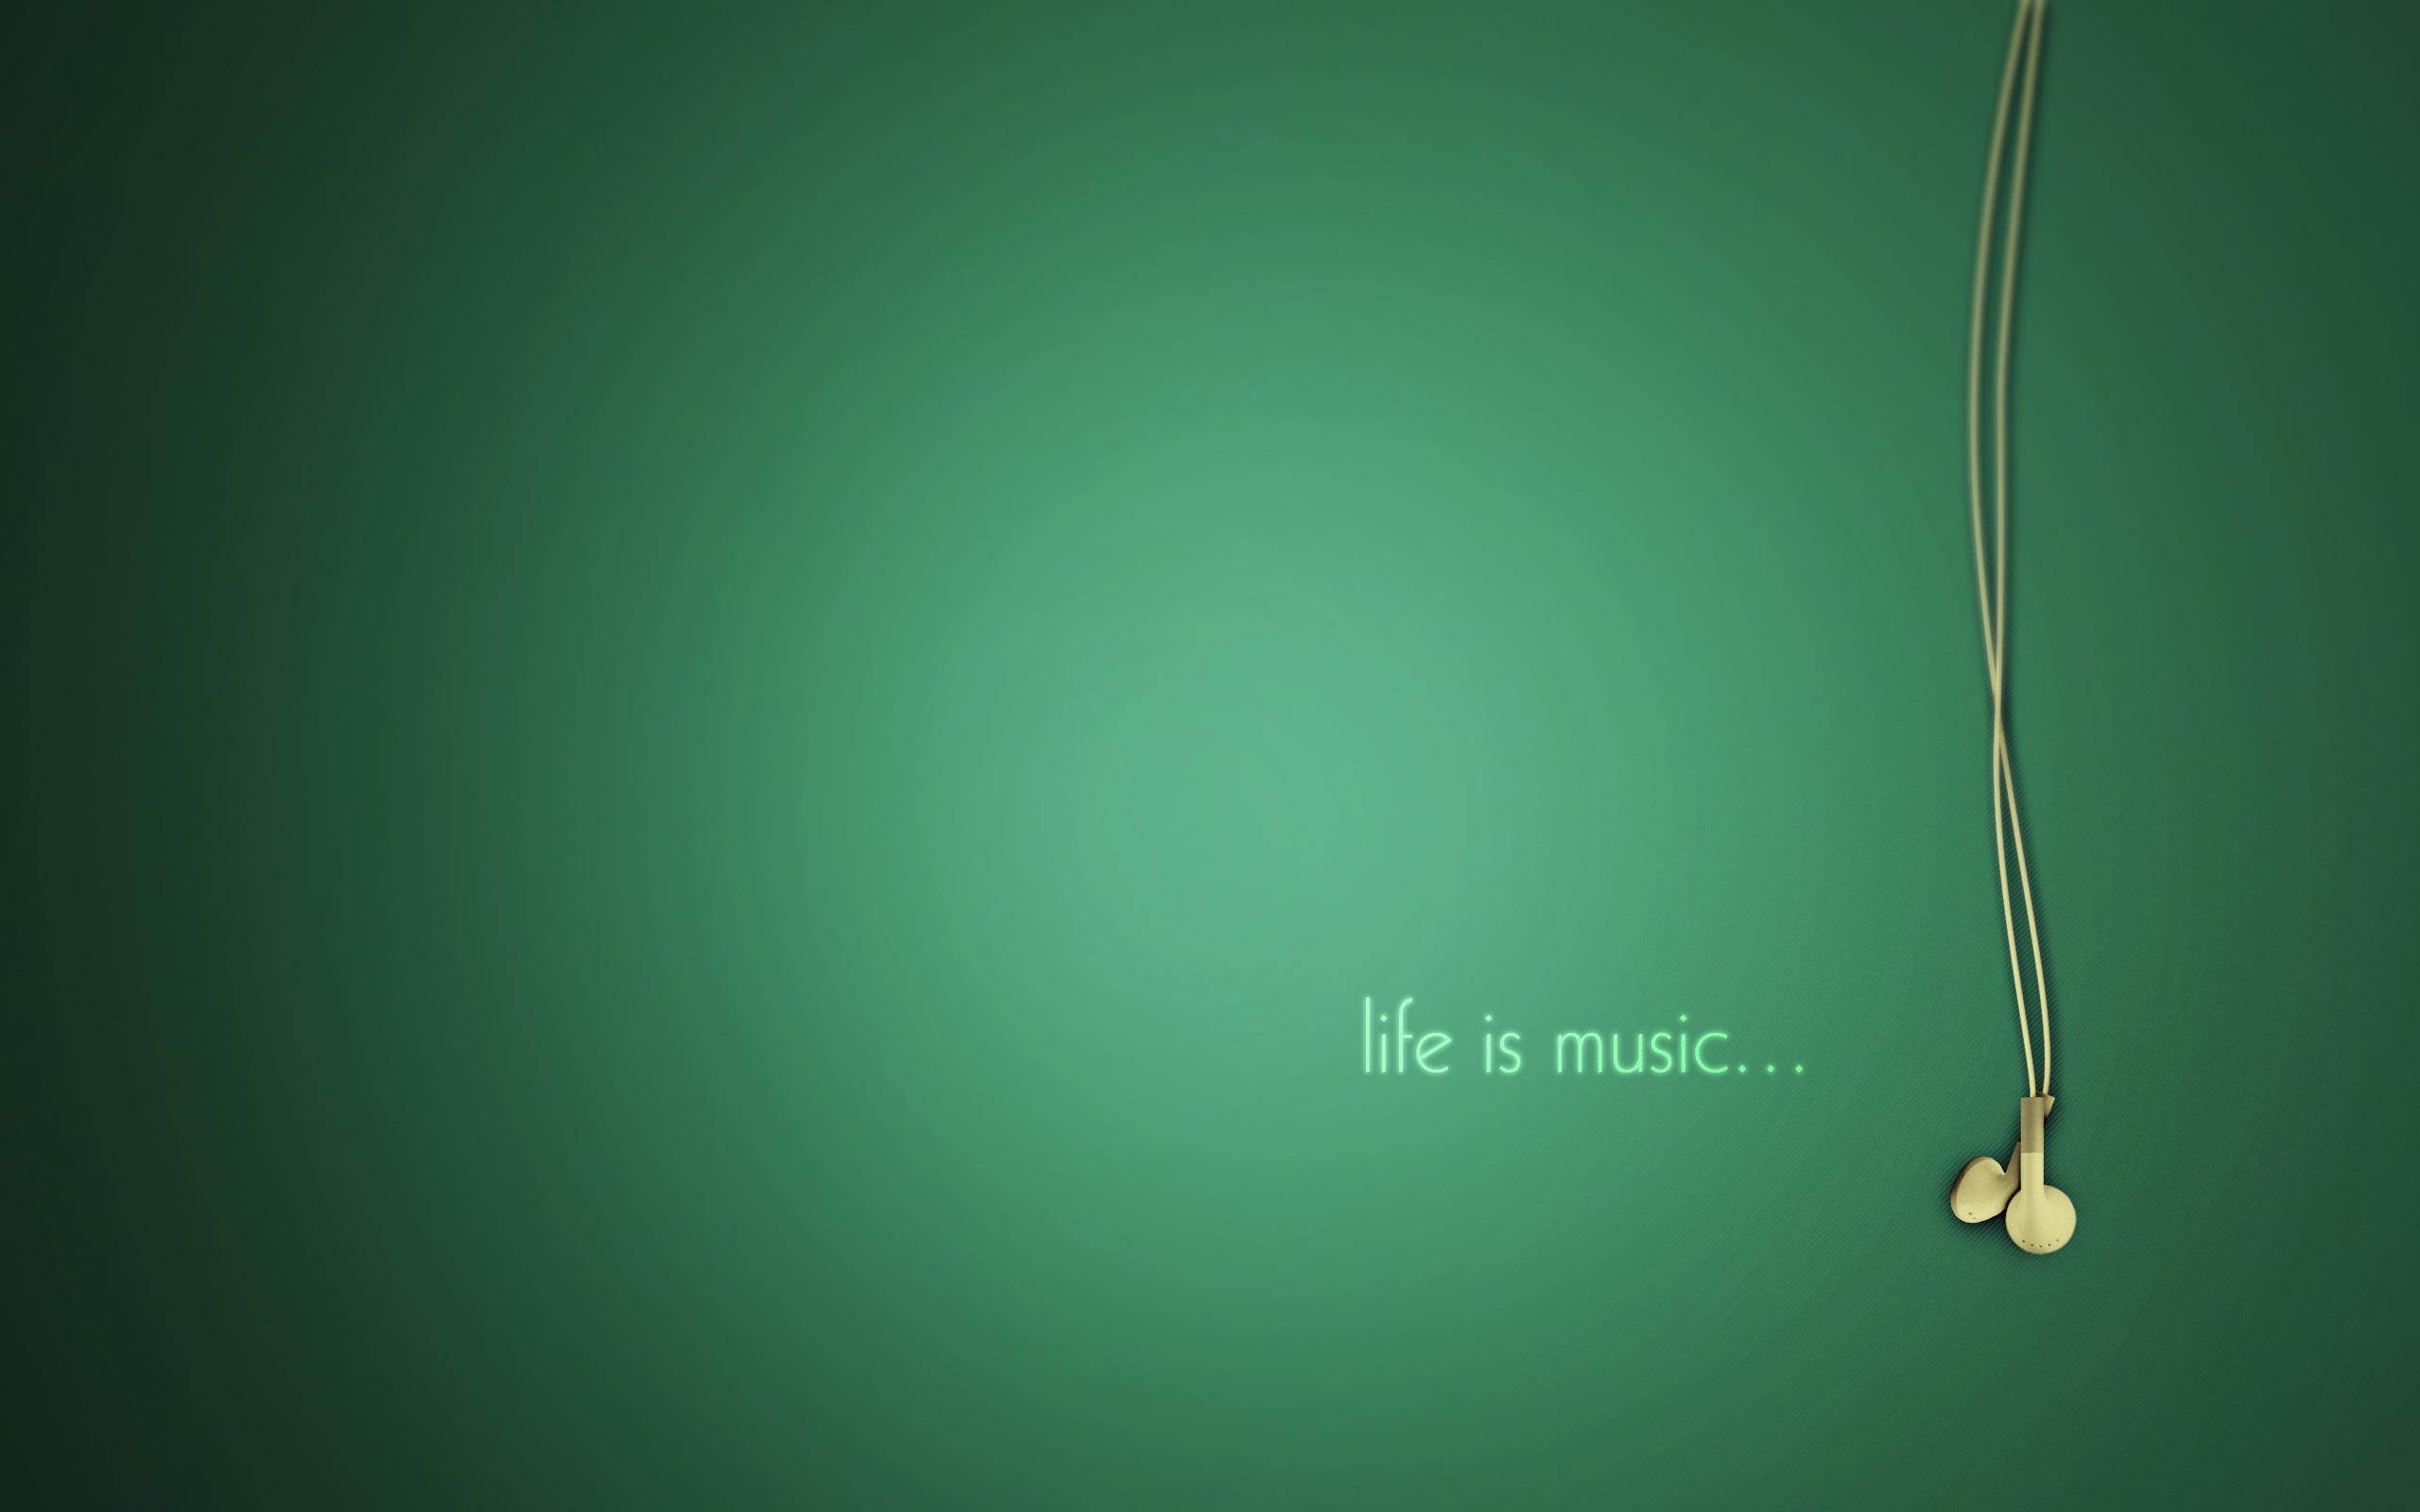 music wallpaper green